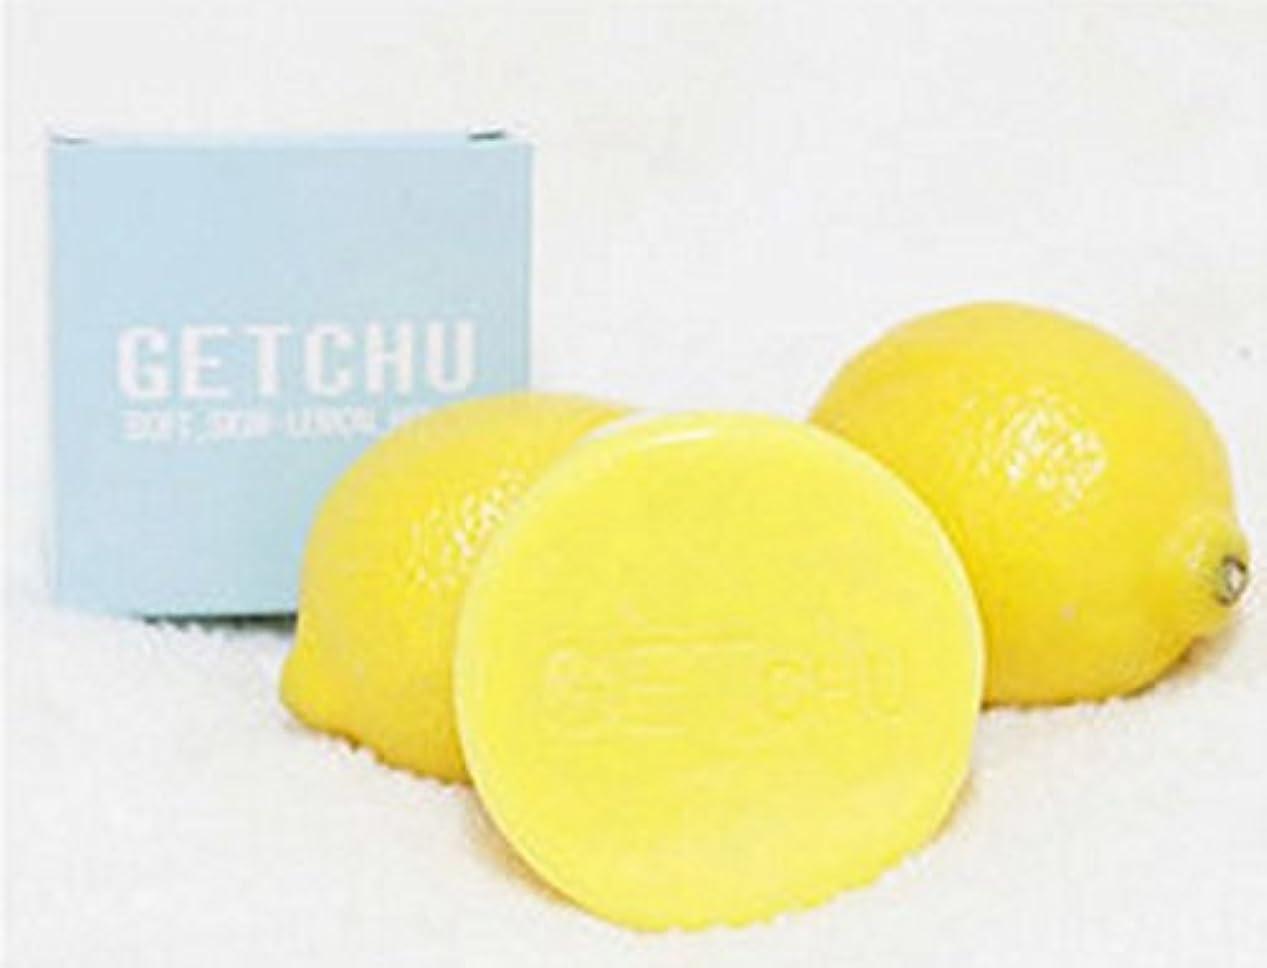 創造広範囲に表面[ソフト スキン ] ゲット ズ- (Get Chu) レモンソープ 石鹼 , 美白 泡洗顔料, ユギノン レモンの成分 ホワイトニング効果/ バブル網 贈呈 [海外直送品]